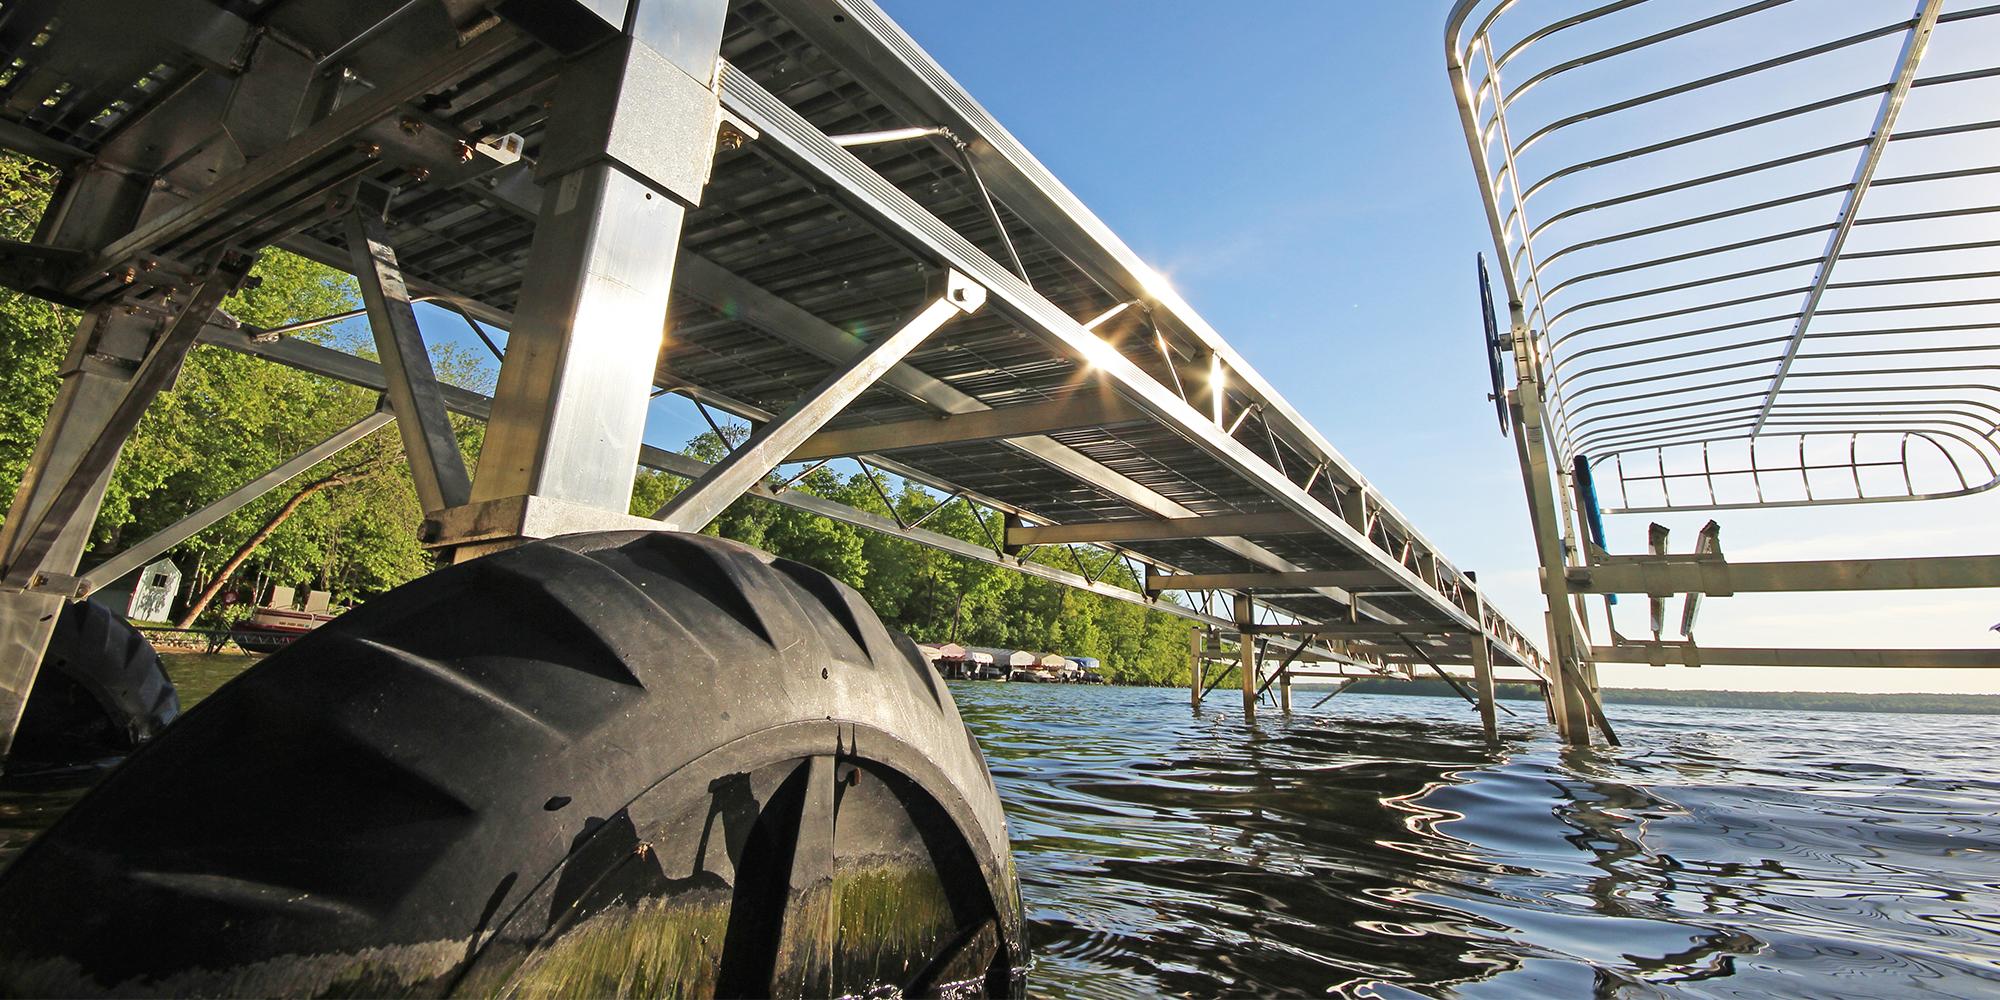 Wheel-In Dock Systems